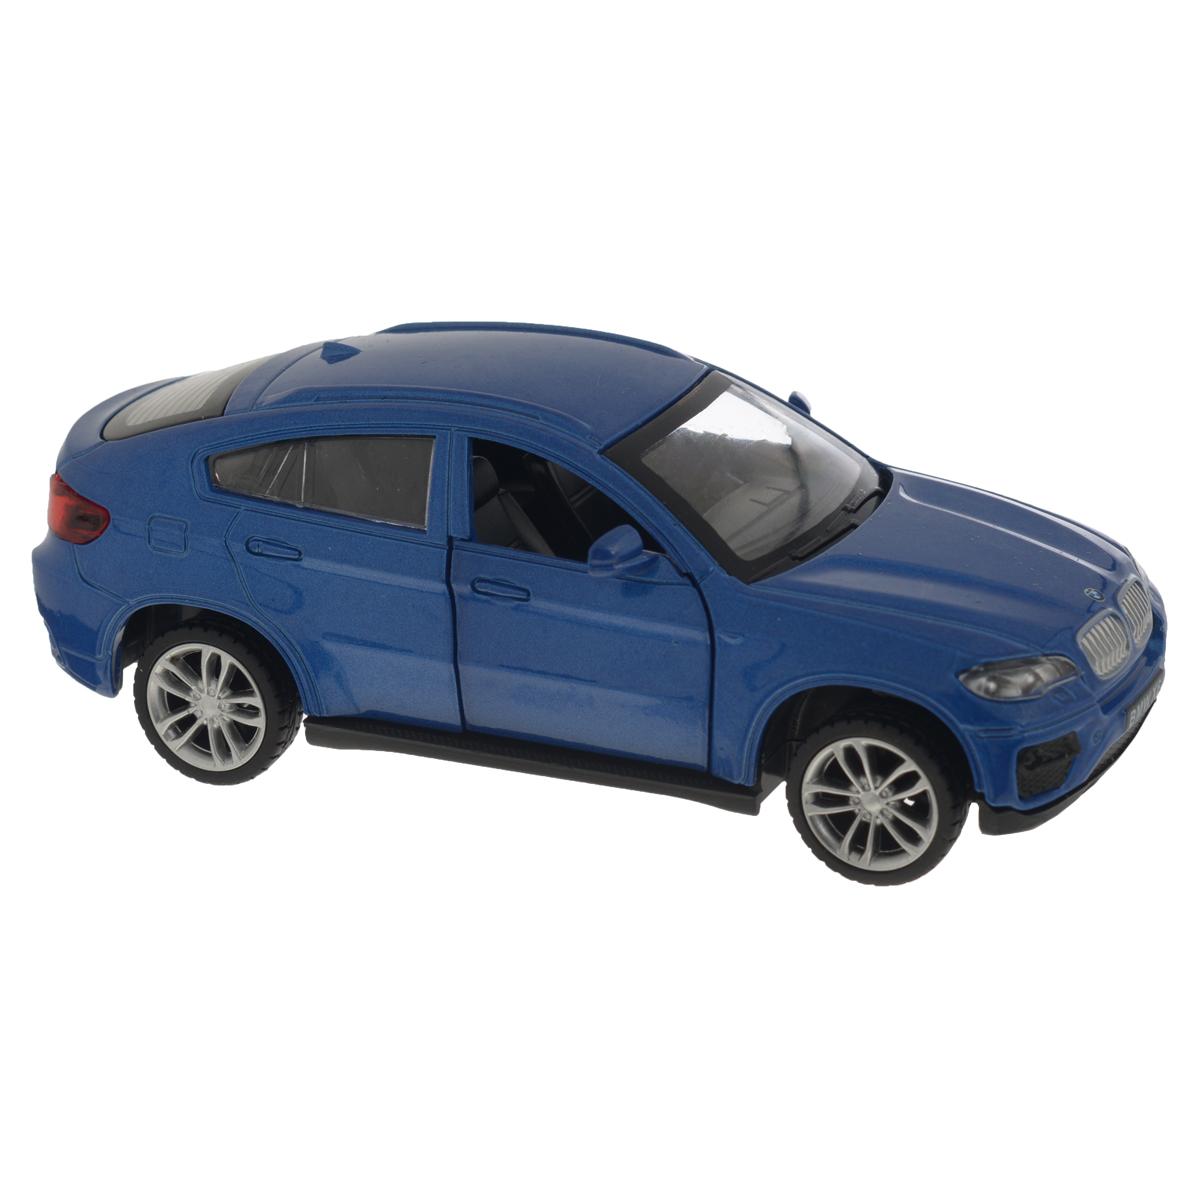 MSZ Модель автомобиля BMW X6 цвет синий67313BСтильная инерционная модель автомобиля MSZ BMW X6, изготовленная из высококачественного металла и пластика, привлечет к себе внимание не только детей, но и взрослых. Модель является точной уменьшенной копией известного автомобиля BMW X6. Игрушечная модель оснащена литым металлическим корпусом, лобовым, задним и боковыми стеклами. Колеса выполнены из резины и вращаются. Открываются передние двери, руль не вращается, салон детализирован. Игрушка оснащена инерционным ходом. Машинку необходимо отвести назад, затем отпустить - и она быстро поедет вперед. Прорезиненные колеса обеспечивают надежное сцепление с любой поверхностью пола. Ваш ребенок будет часами играть с этой машинкой, придумывая различные истории. Порадуйте его таким замечательным подарком!